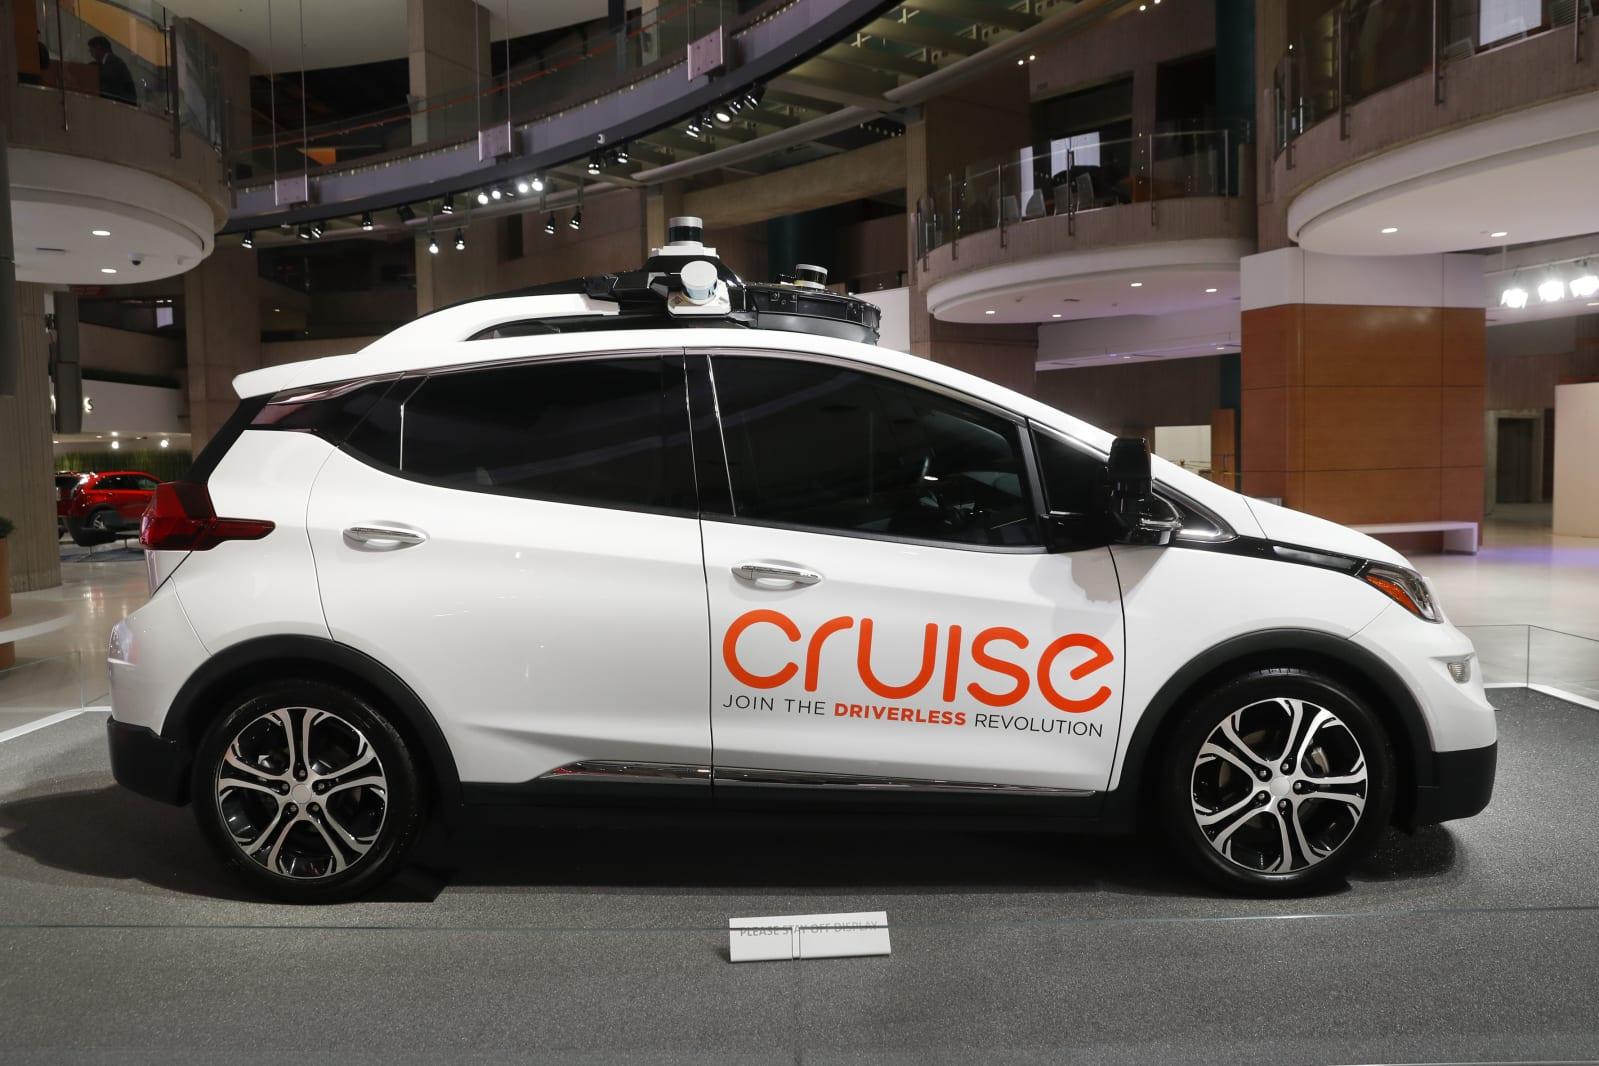 GM-Autonomous Ride Service